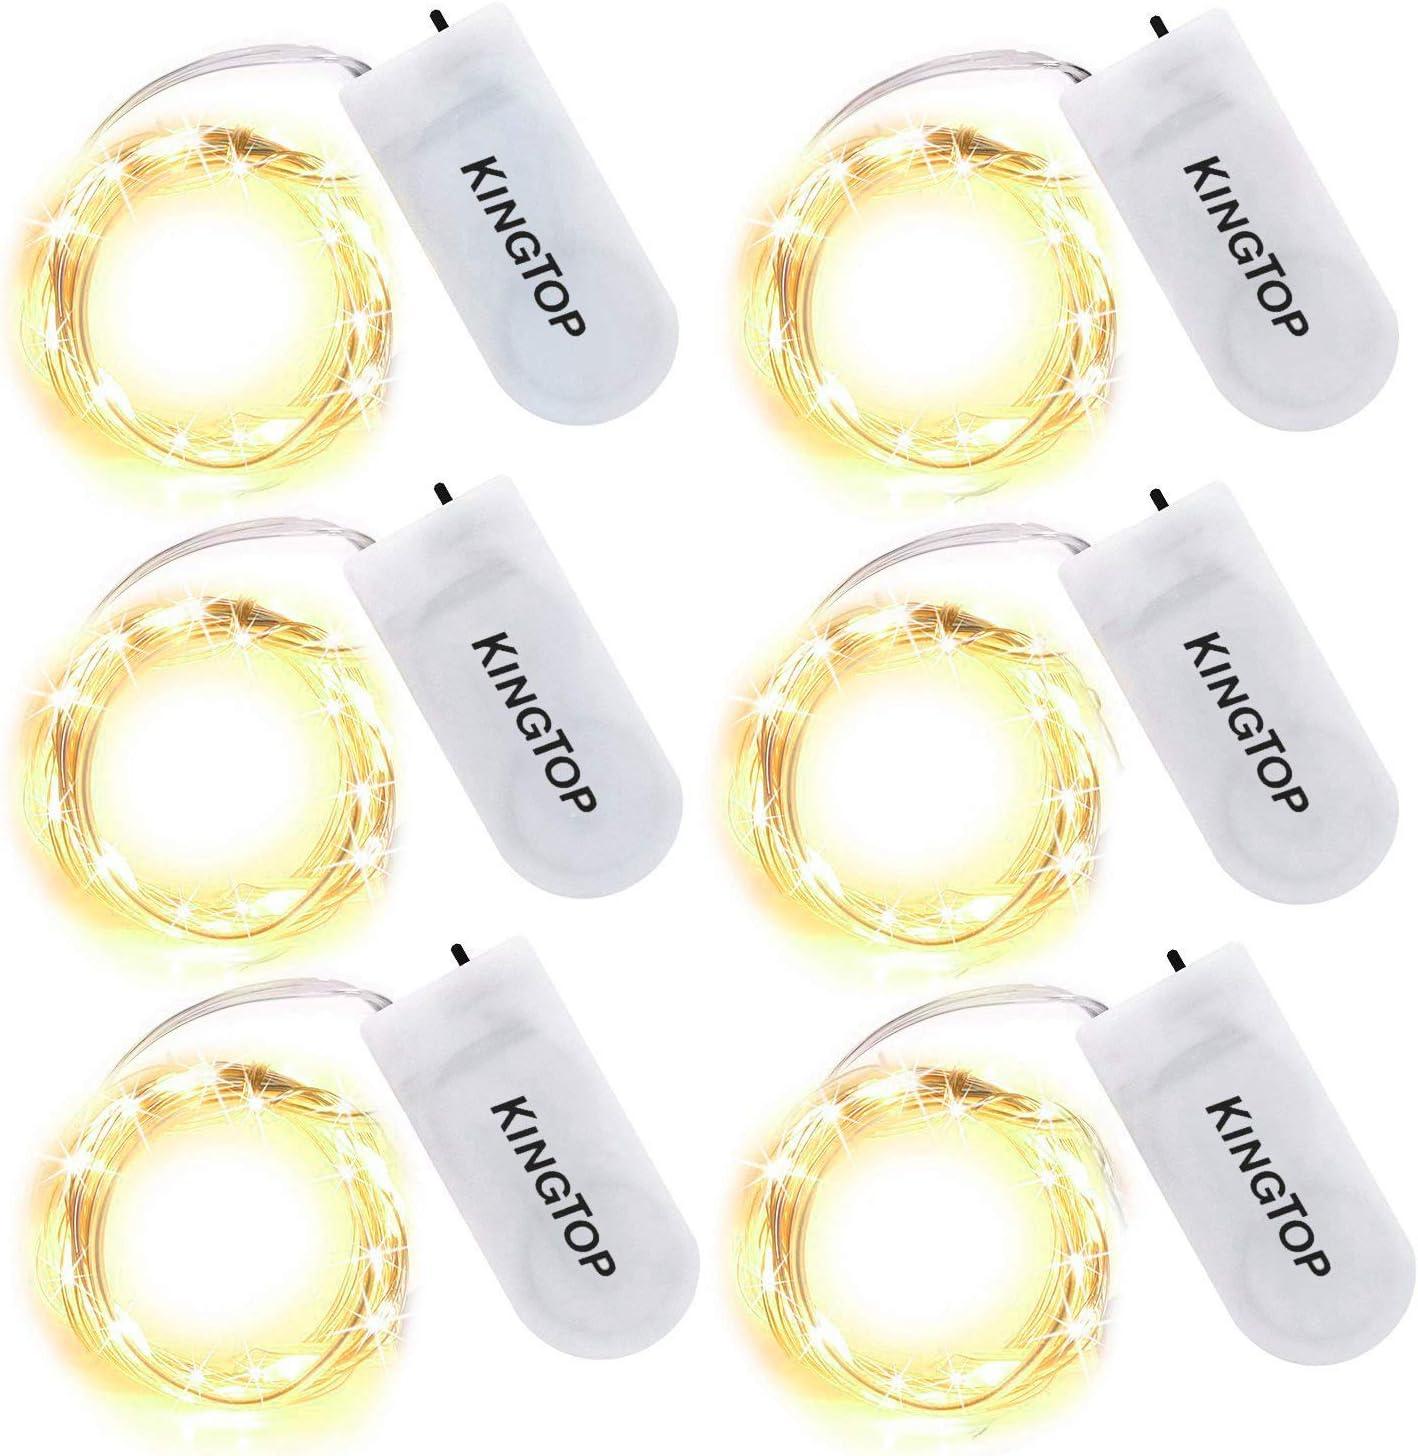 Cadena de Luces KINGTOP 6x2m 20LED Luz de Hadas Cadena Luces con Batería Alambre Plateado Impermeable para Hogar, Juego, Boda, Navidad (Blanco cálido)